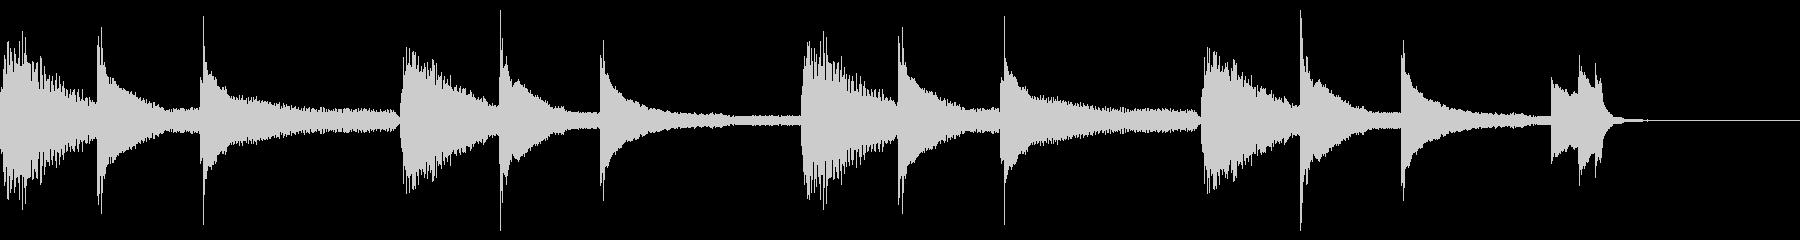 Lo-Fiなピアノ素材の未再生の波形